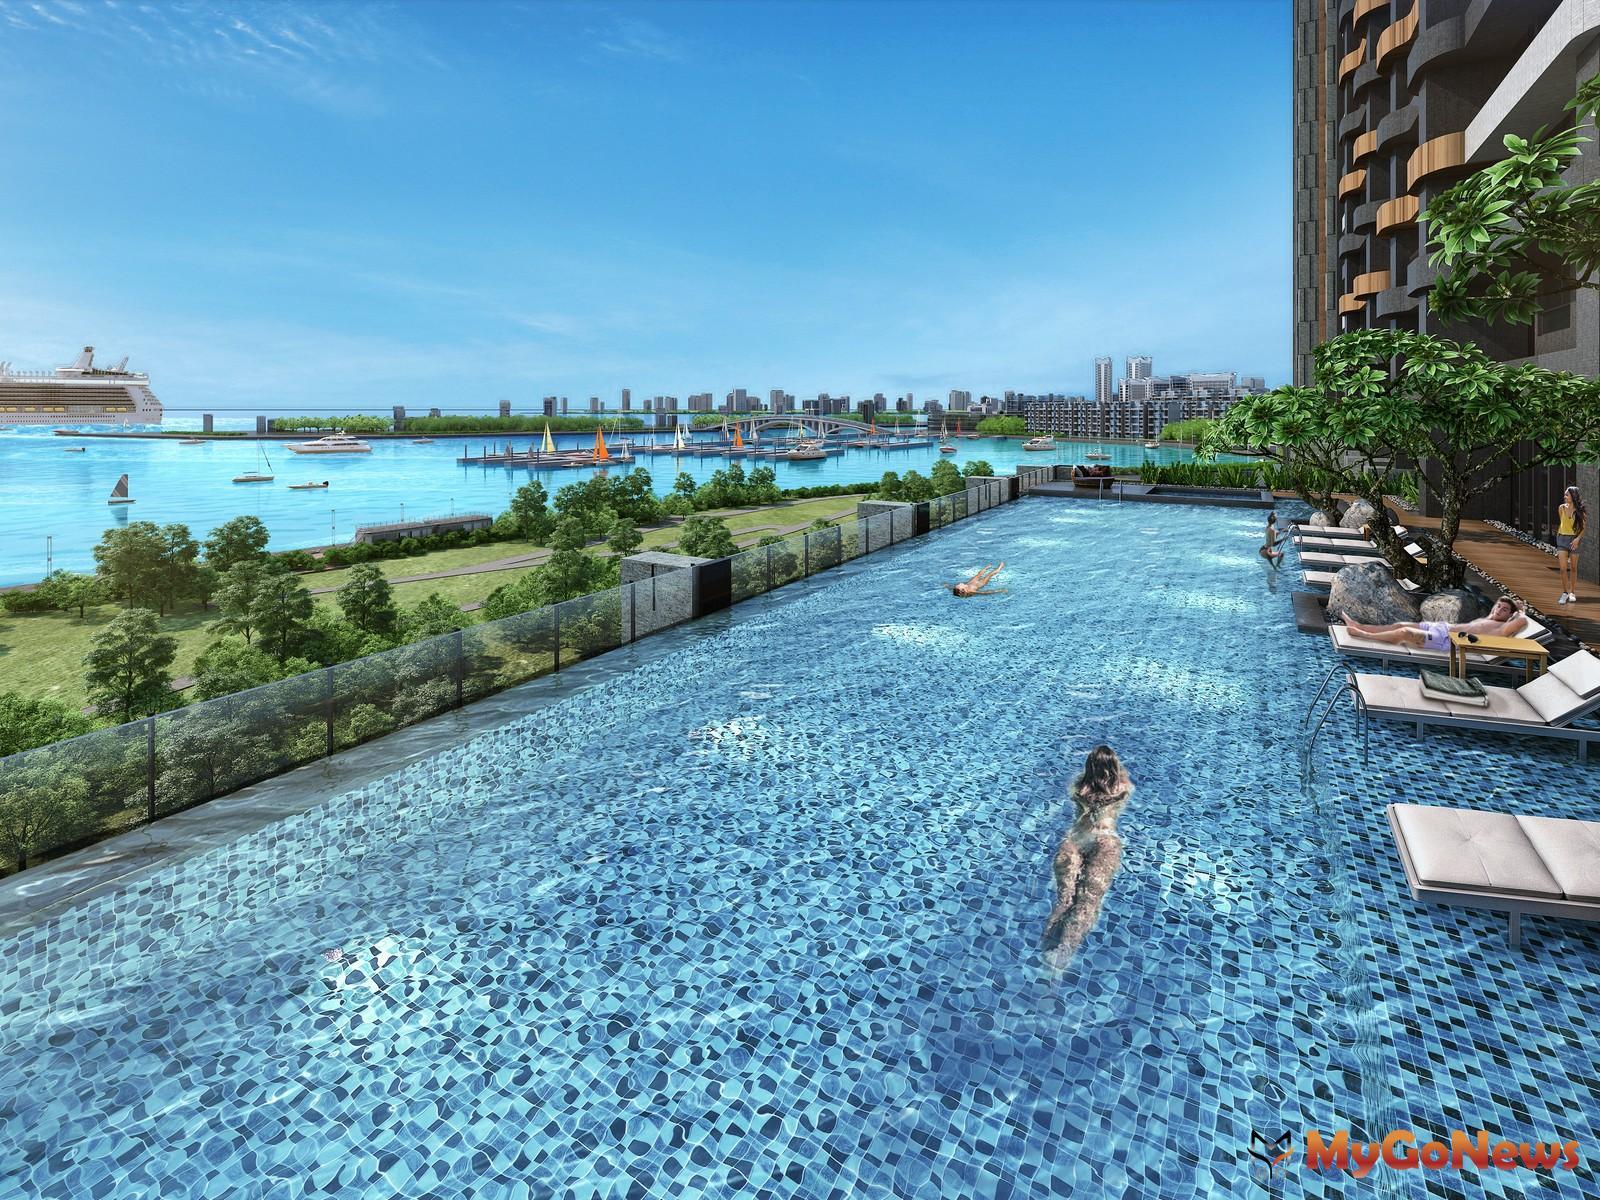 在露天泳池恣意暢遊,連女神也推薦的海灣生活,媲美星級飯店規格。圖/ 興富發提供 MyGoNews房地產新聞 熱銷推案